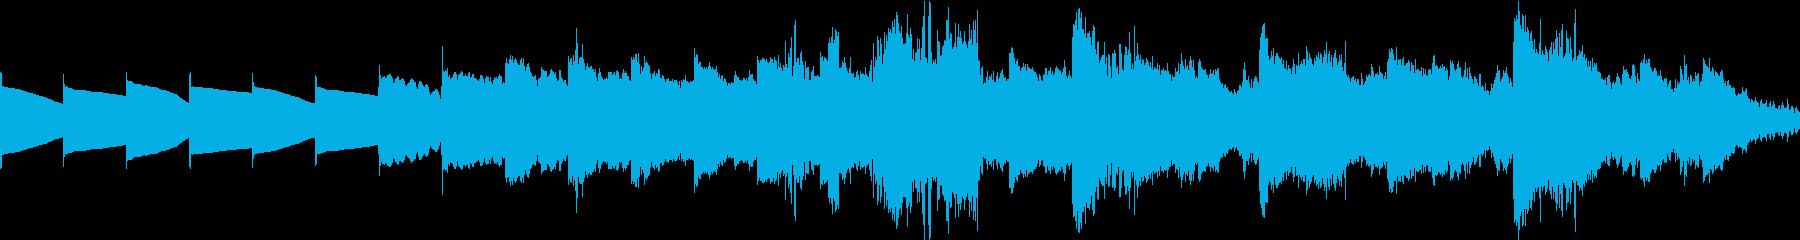 「  」の再生済みの波形